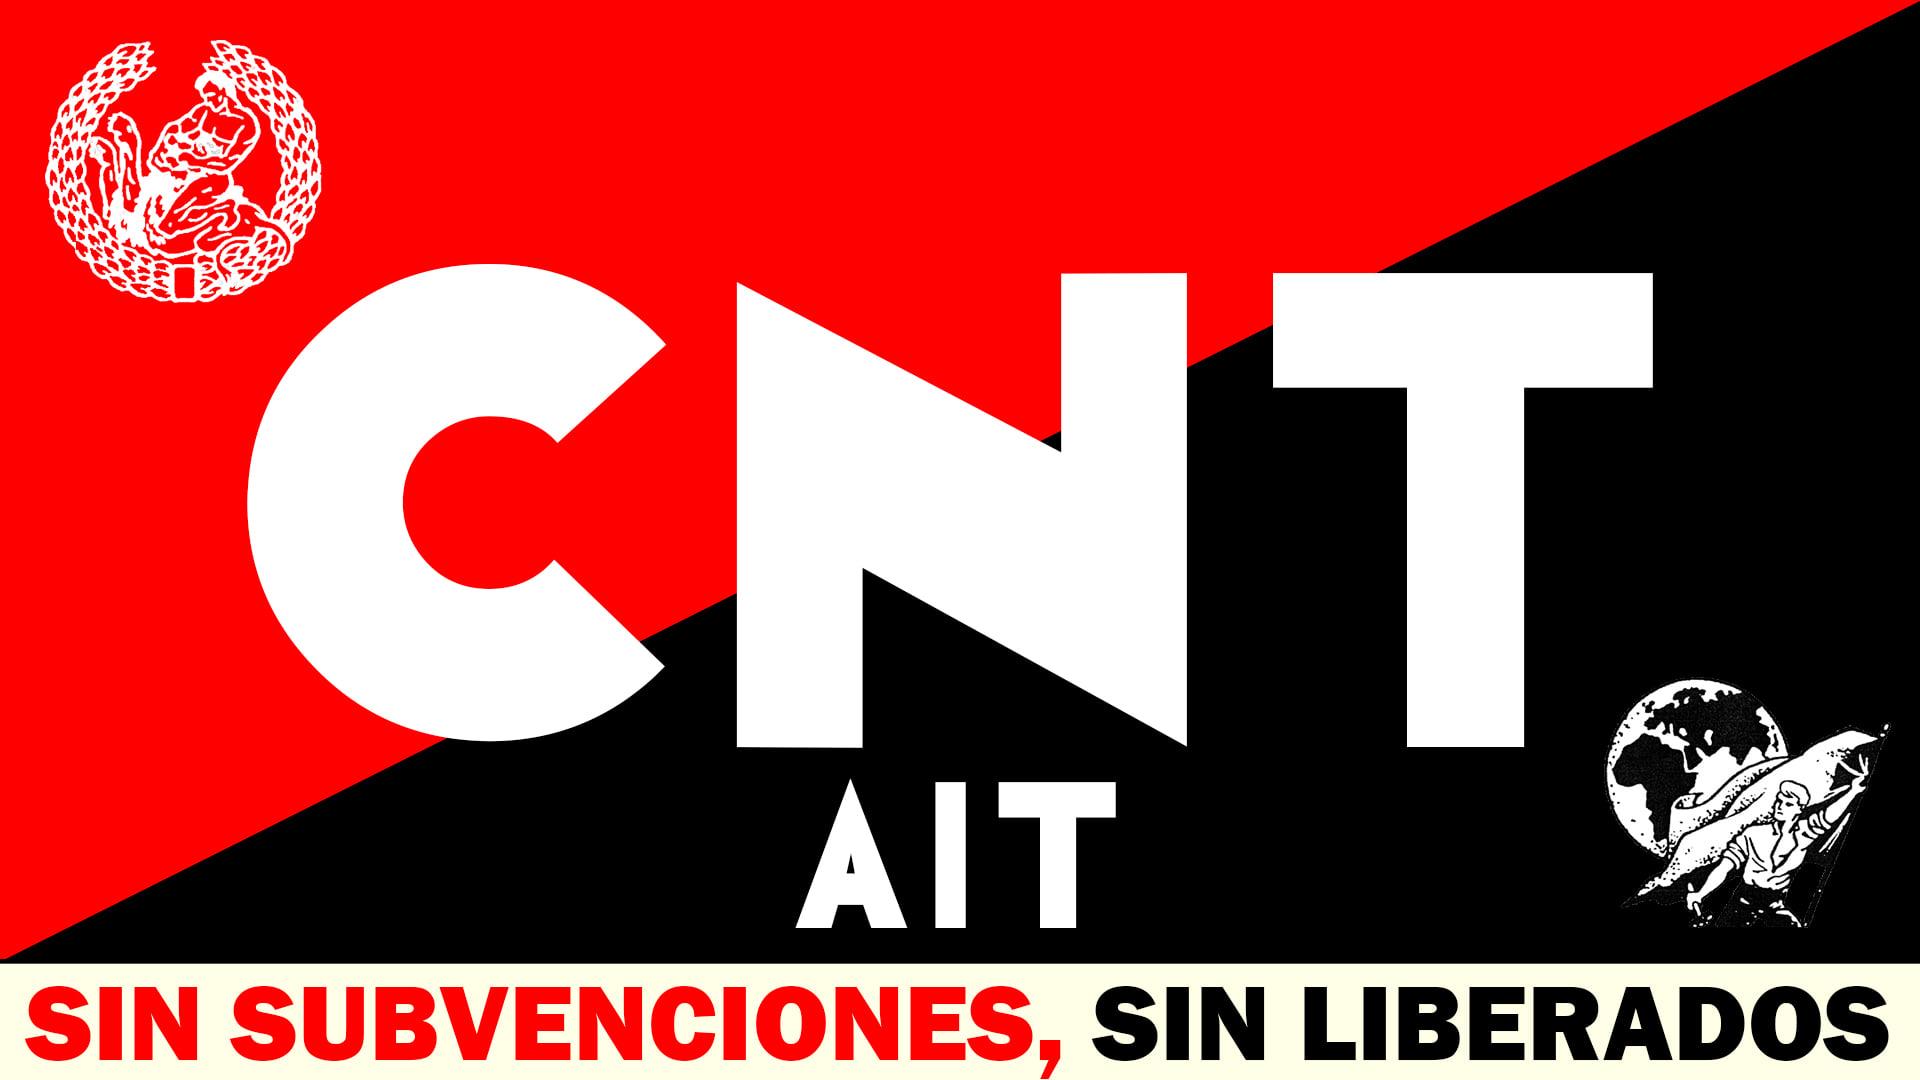 CNT-AIT sin subvenciones, sin liberados